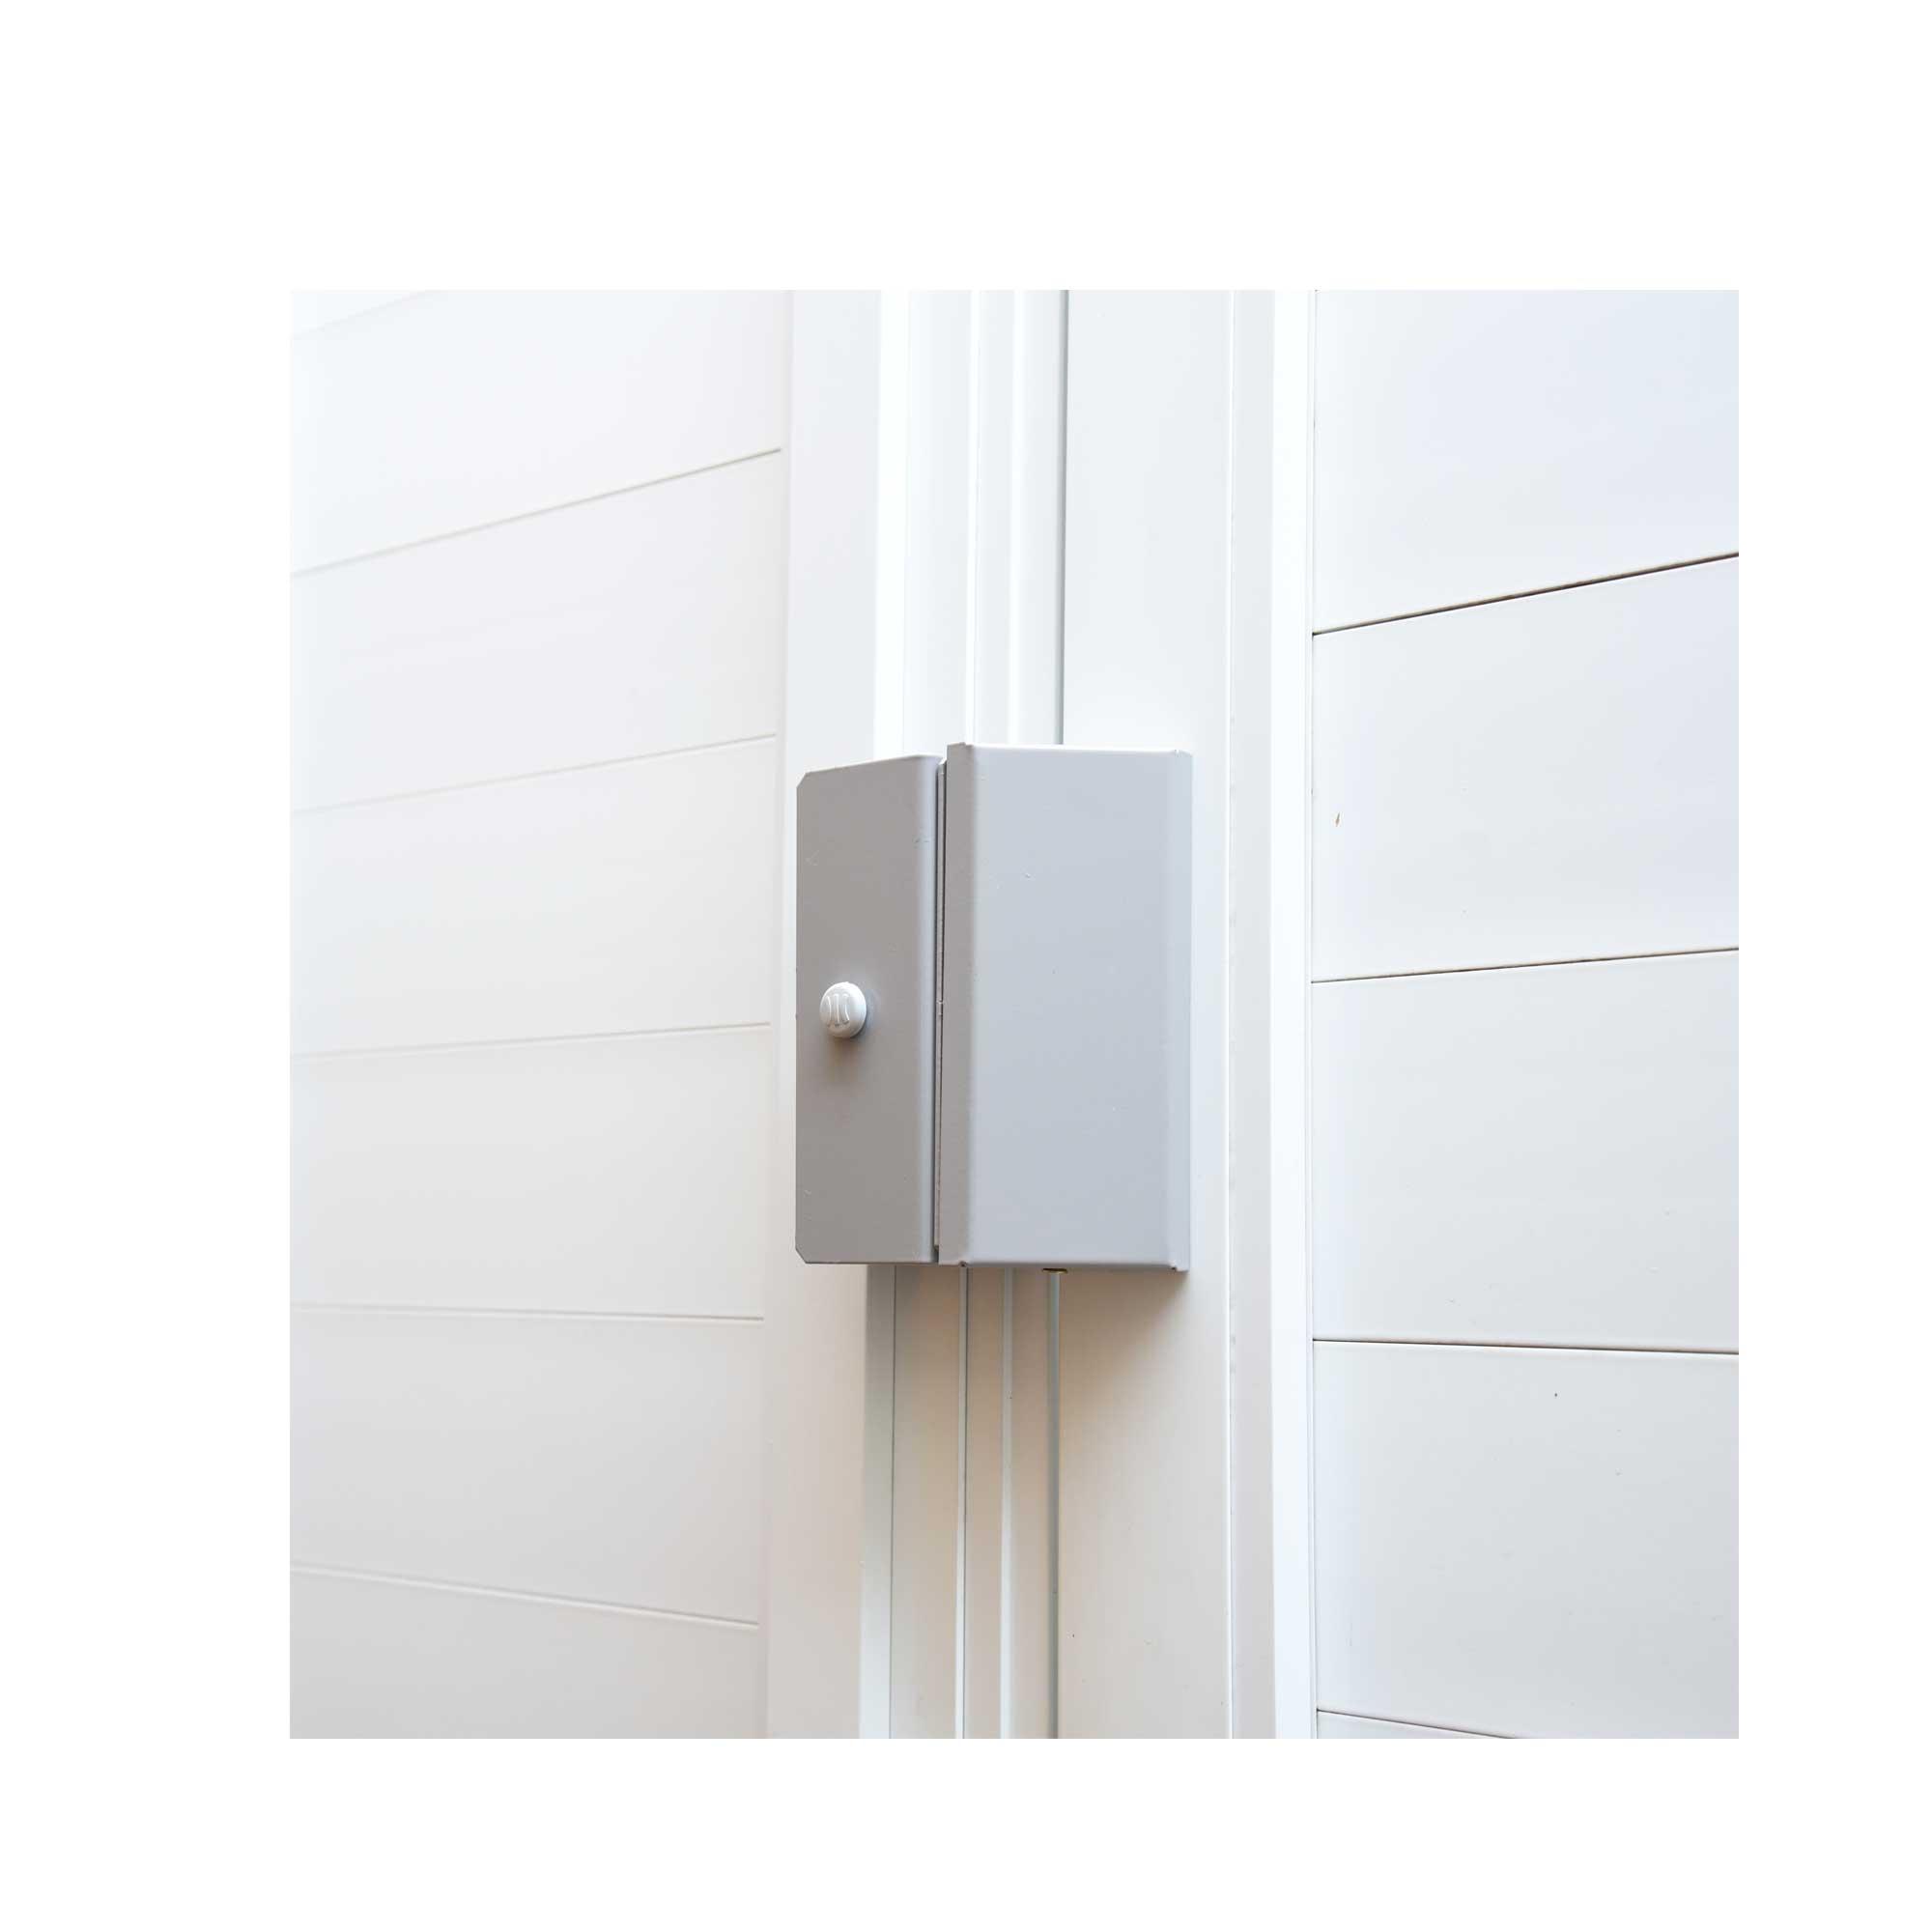 fechadura-eletrica-portao-ipec-m150-02